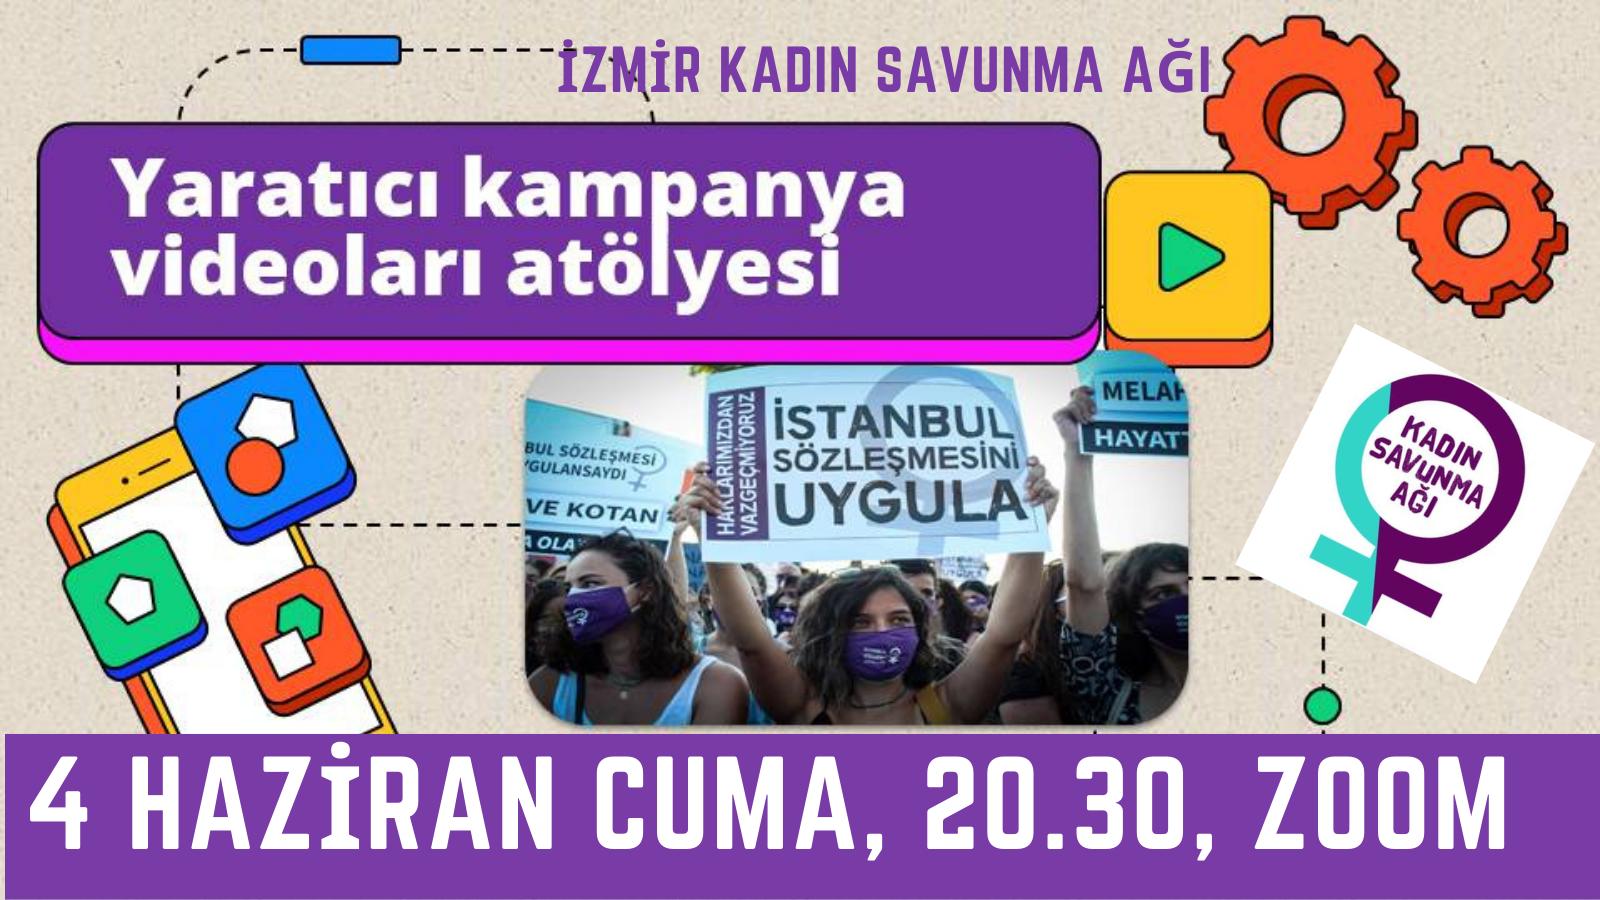 İstanbul Sözleşmesi'ni Savunuyoruz, Yaratıcı Kampanya Videoları Atölyesi'nde Buluşuyoruz